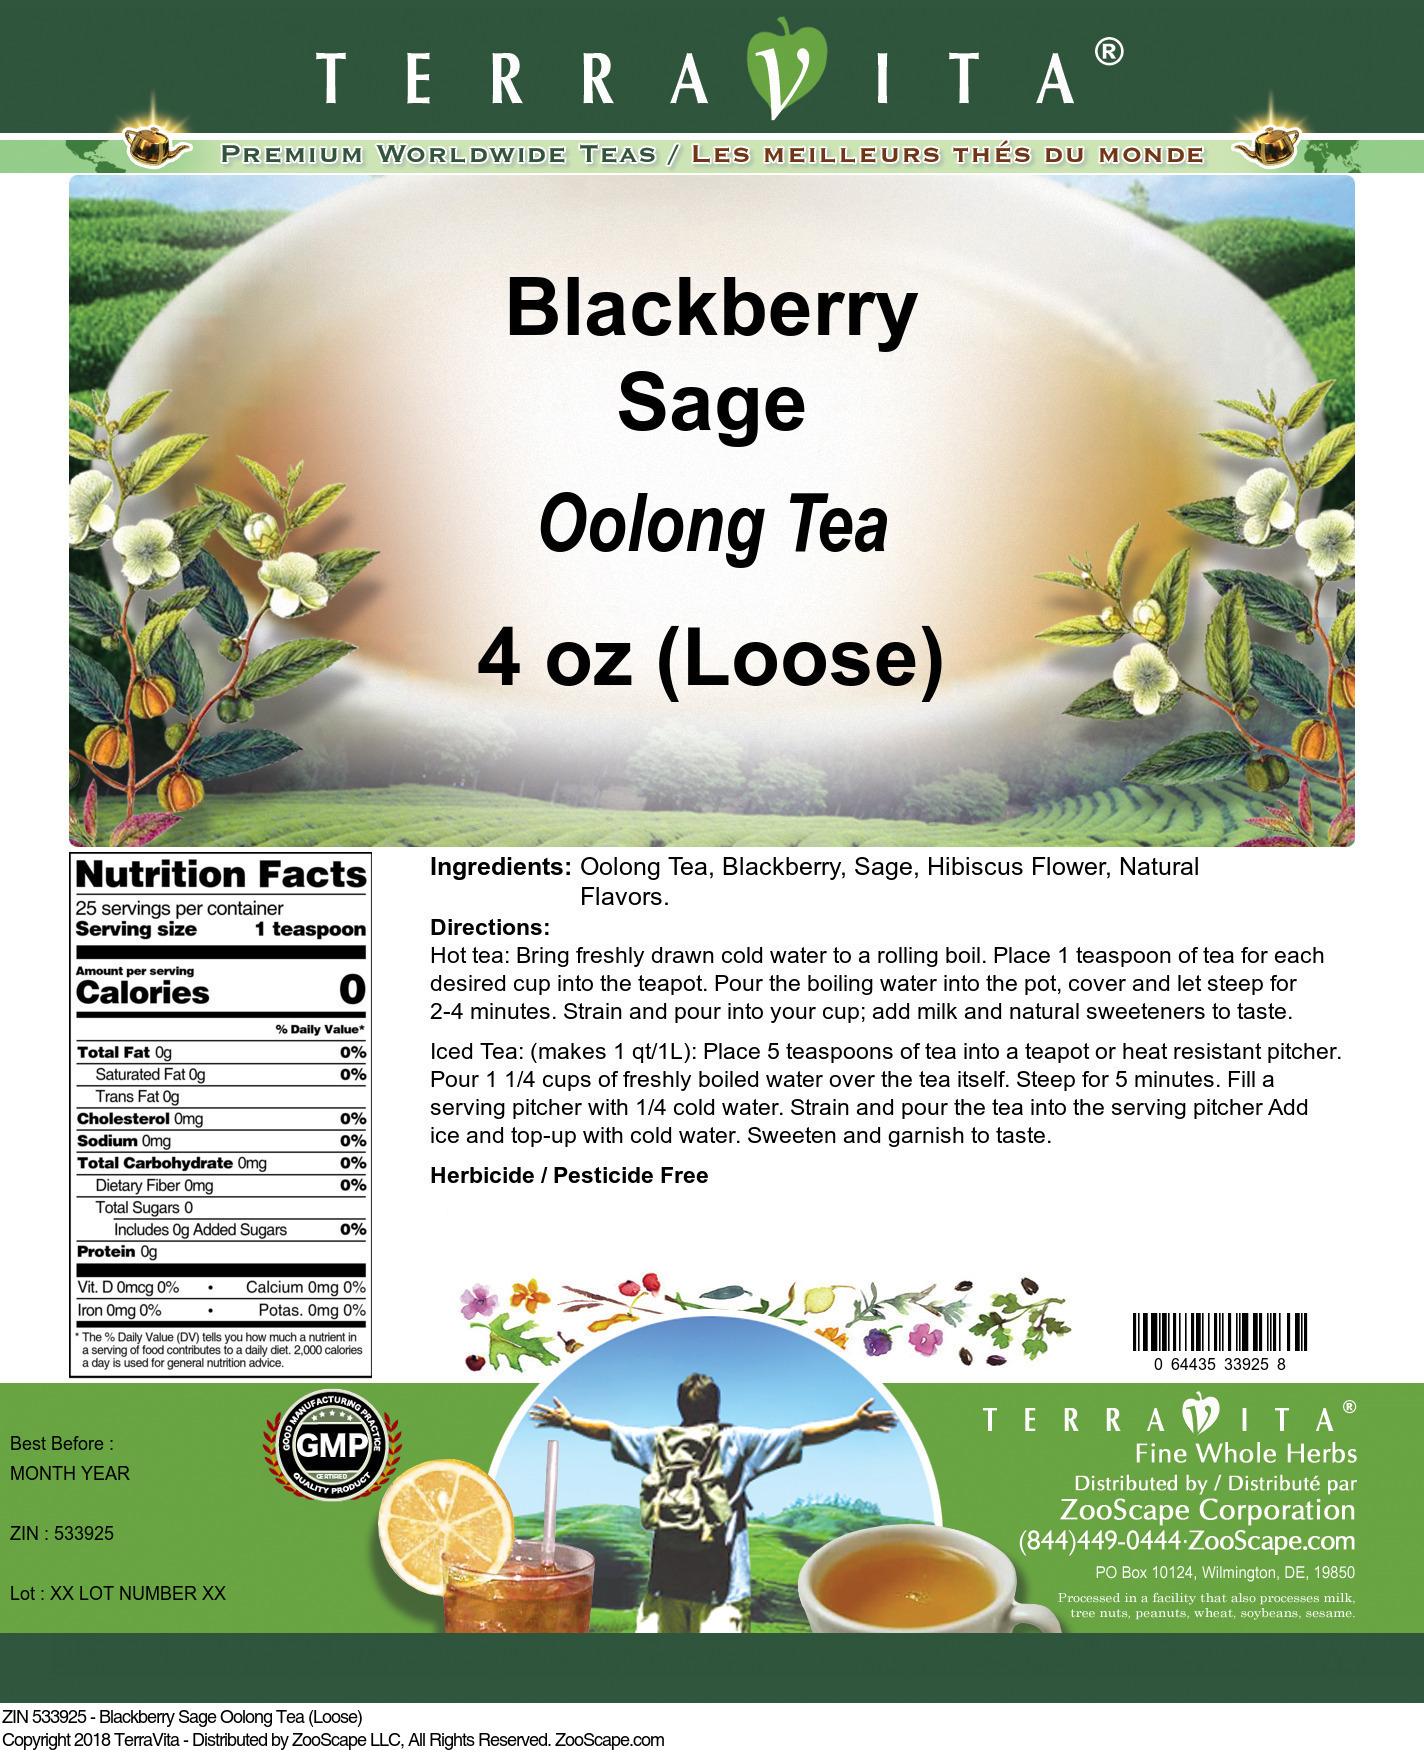 Blackberry Sage Oolong Tea (Loose)